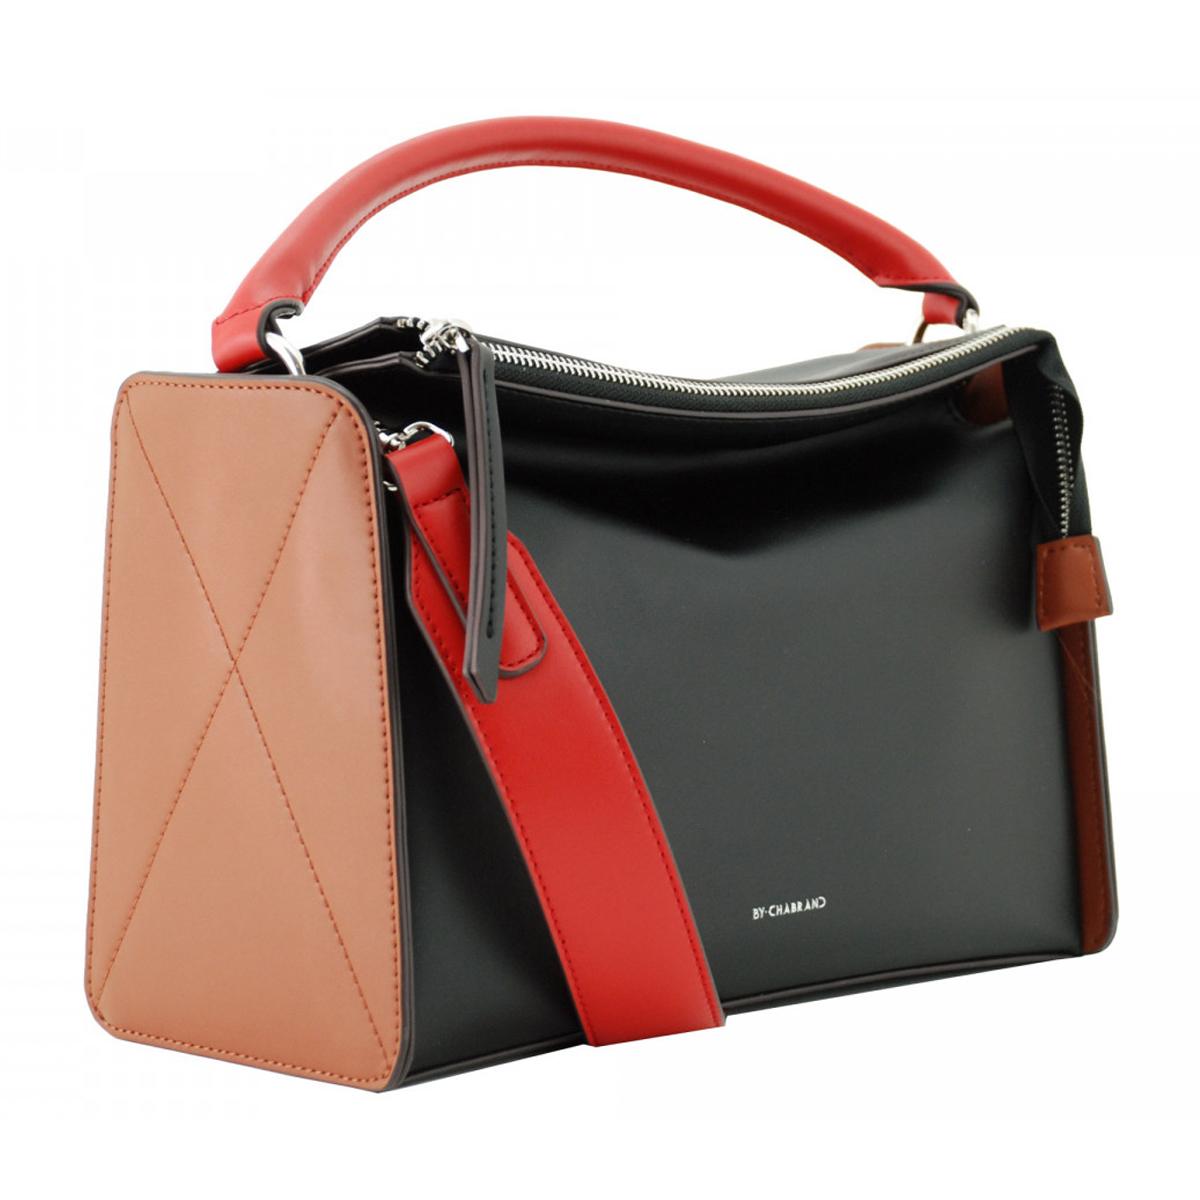 Sac créateur \'Chabrand\' noir rouge marron - 28x18x12 cm - [R2756]